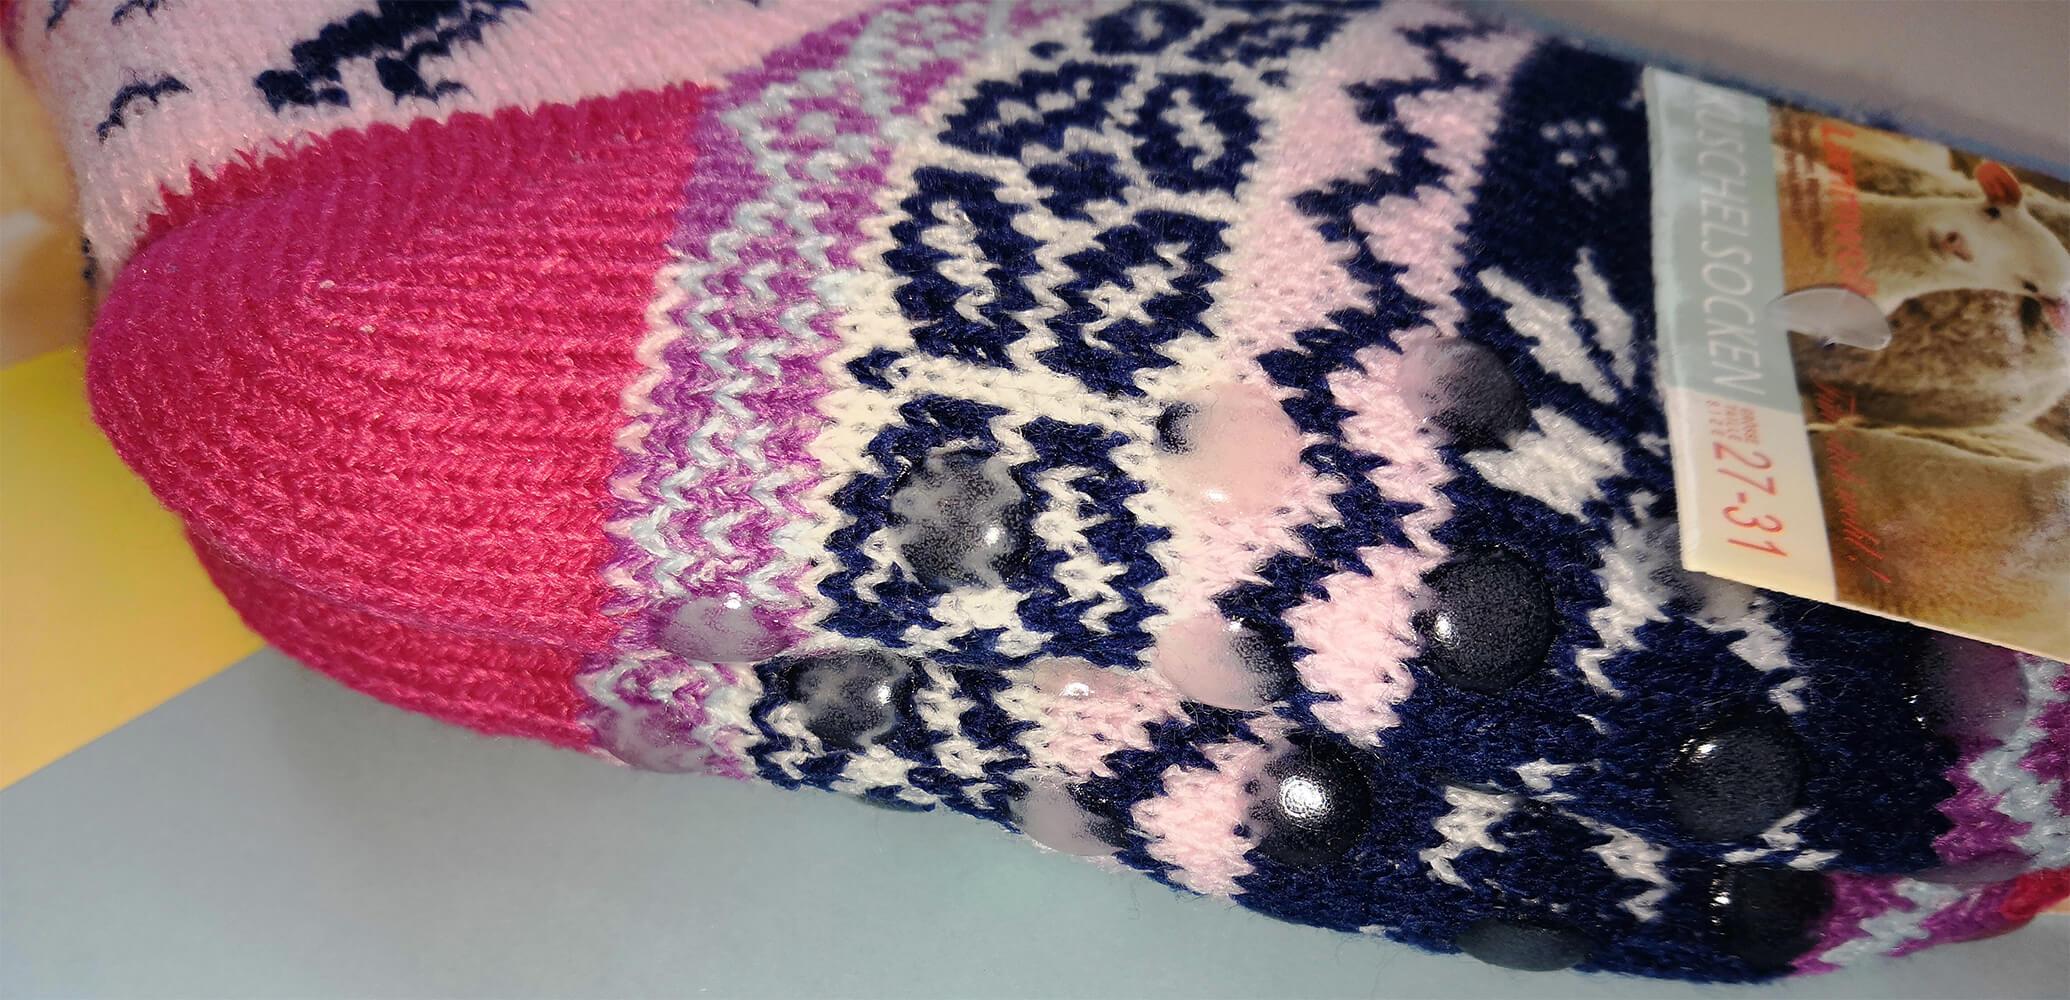 Детские носки-тапочки Emi Ross EJ-6208-p розового цвета. 32-35 размера. Фото 3